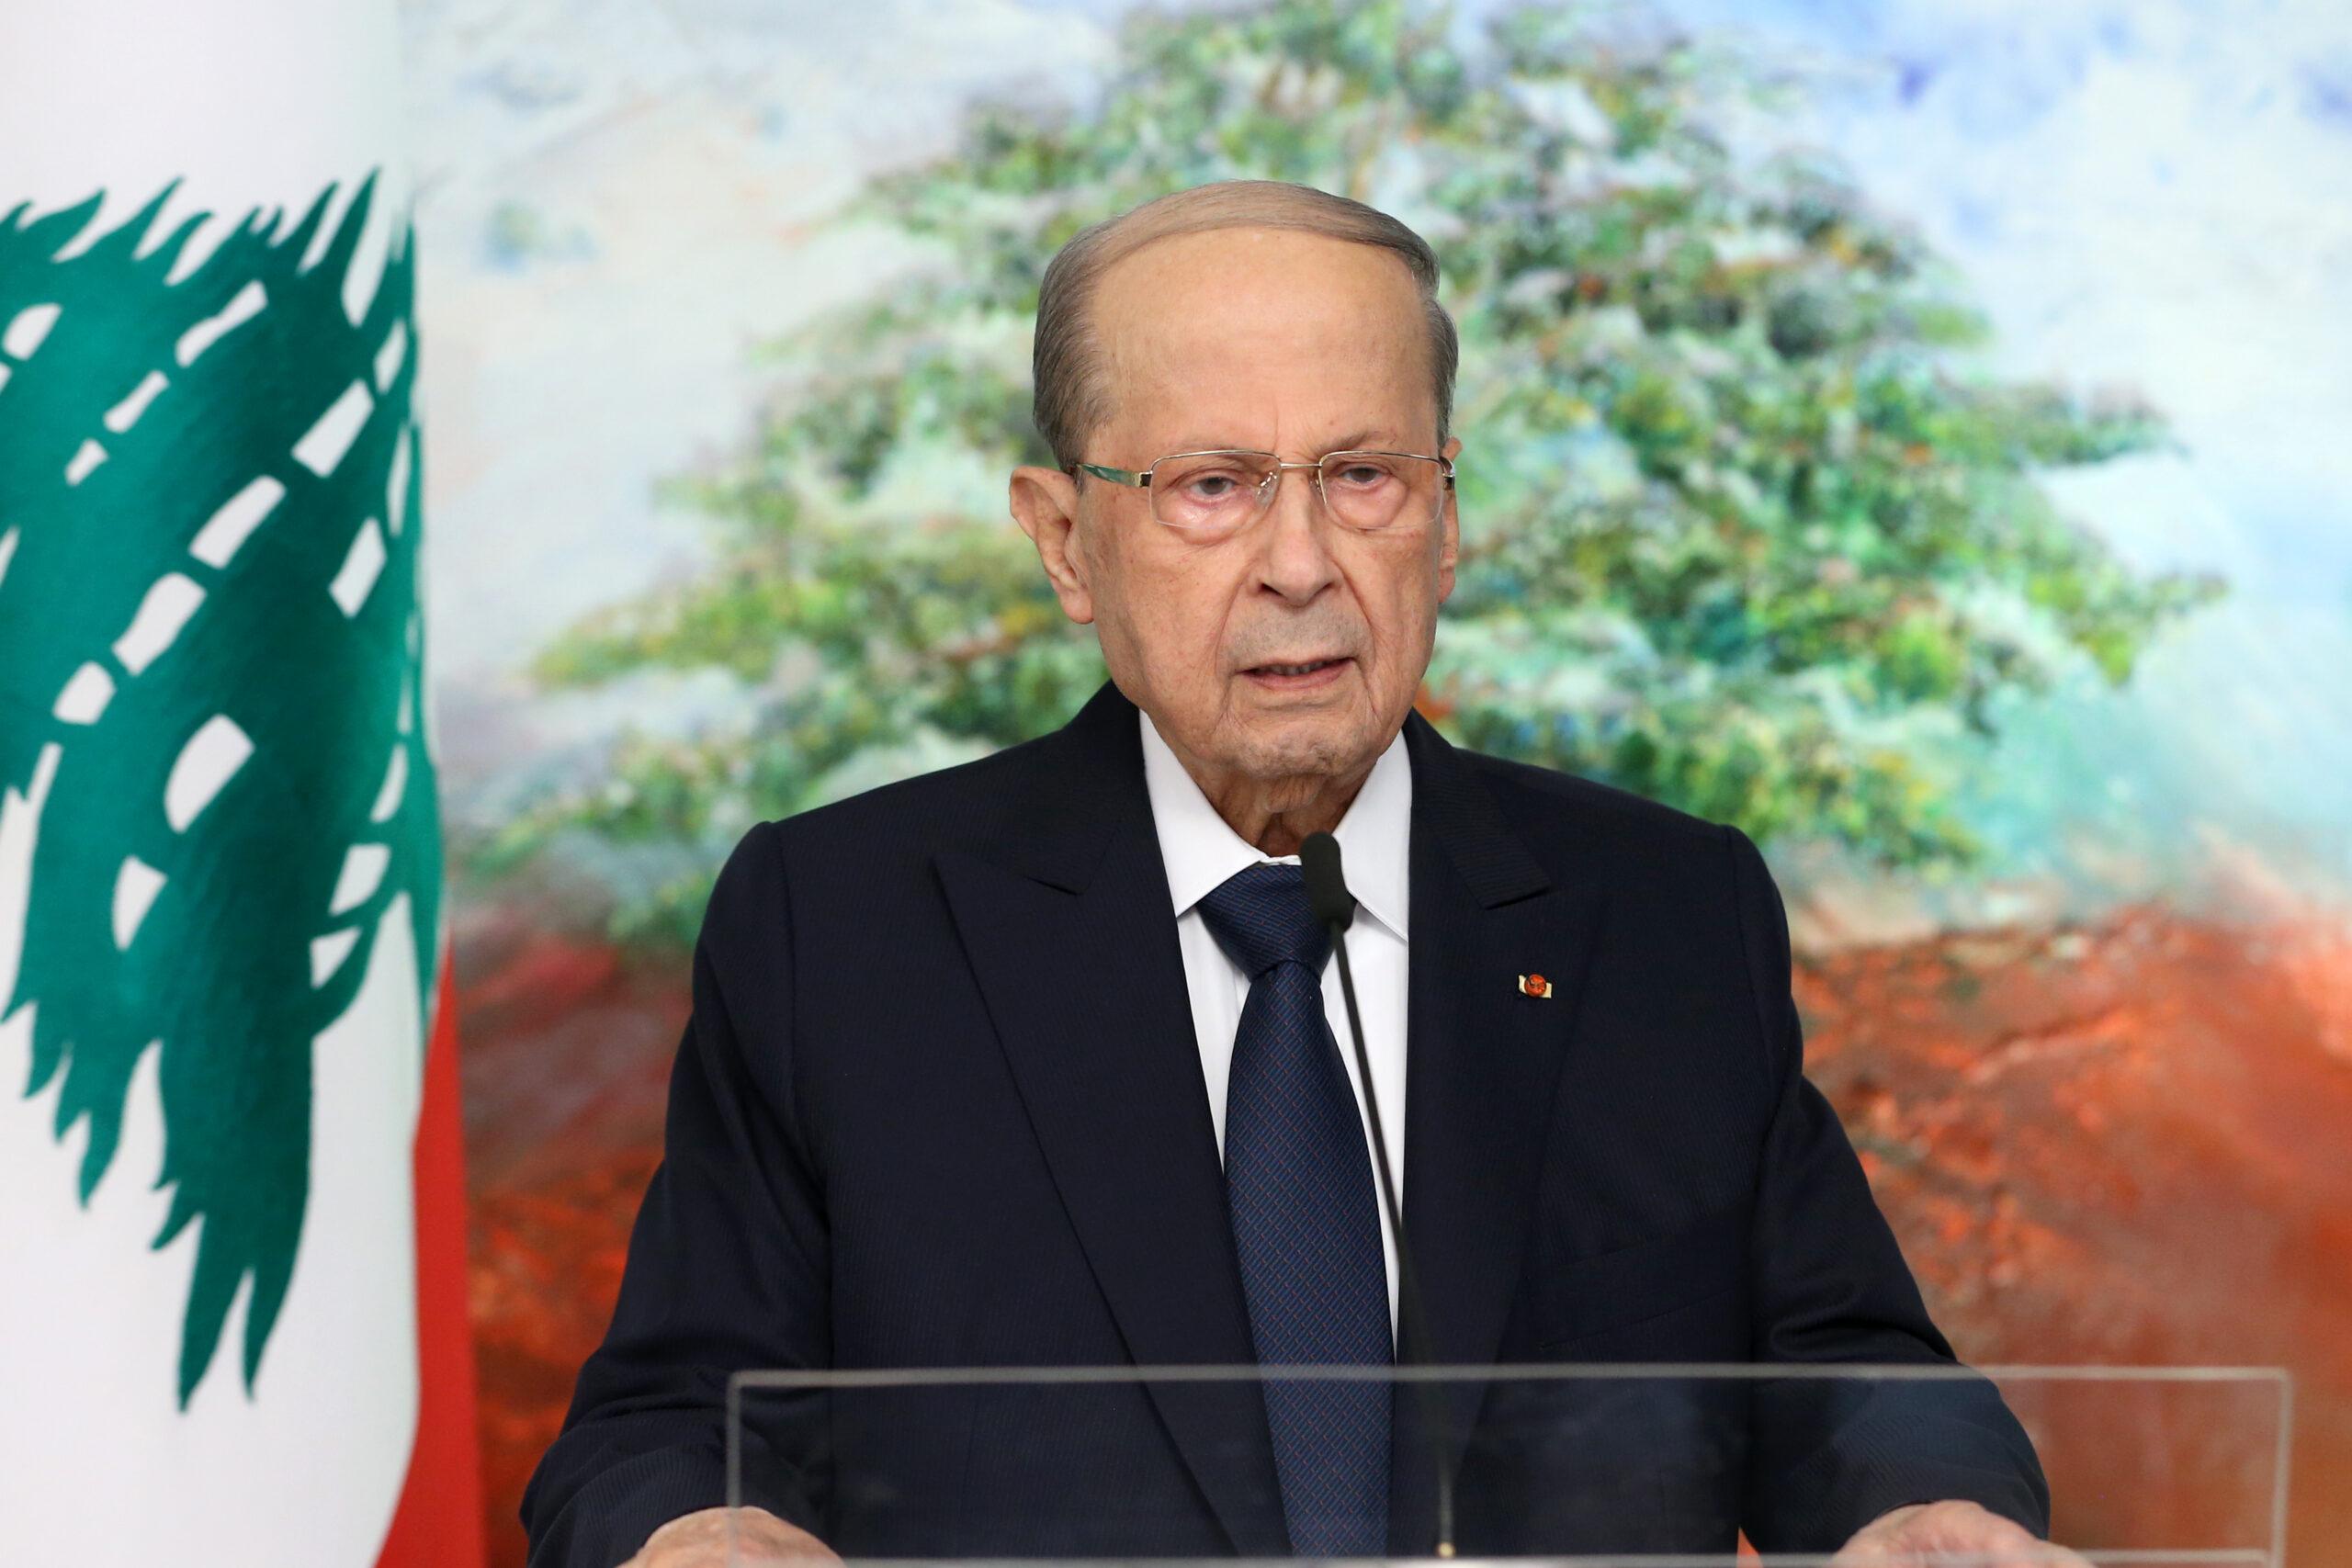 عون أمام الجمعية العامة للأمم المتحدة: لبنان يتمسك بحقه في الثروة النفطية ويطالب باستئناف المفاوضات غير المباشرة لترسيم الحدود